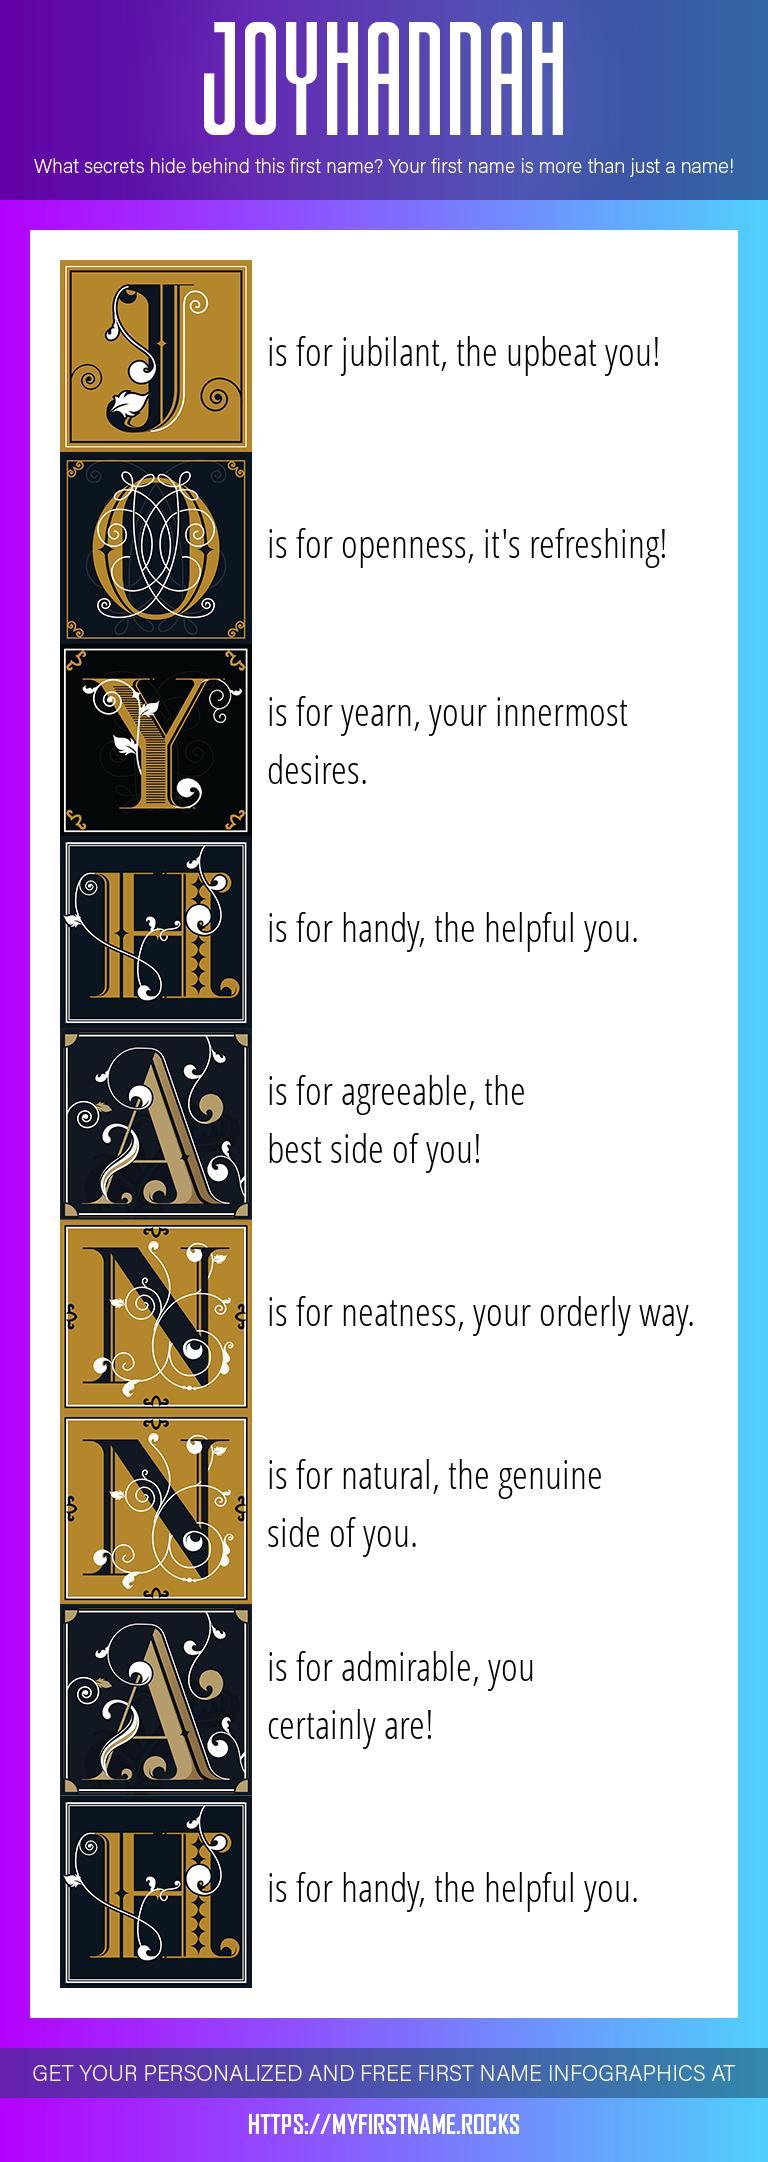 Joyhannah Infographics